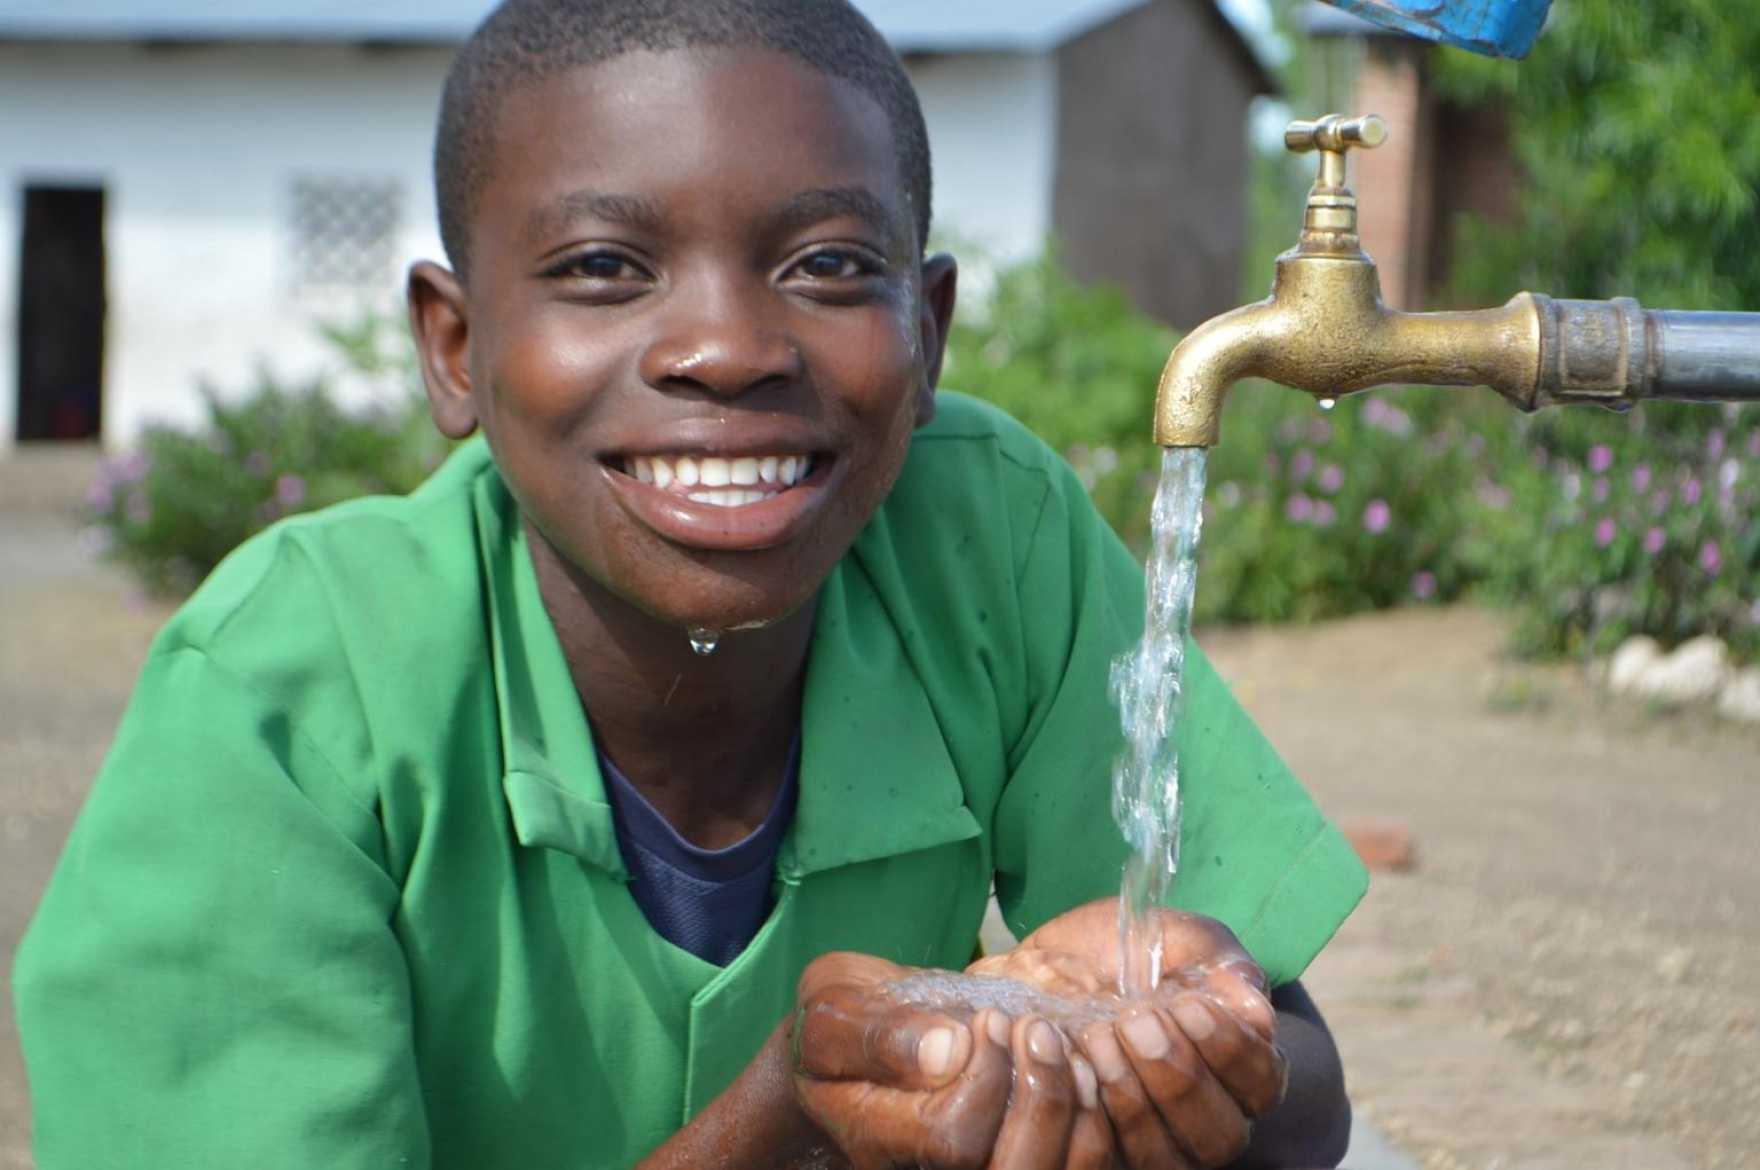 Glad pojke håller händerna under kran med rinnande vatten.